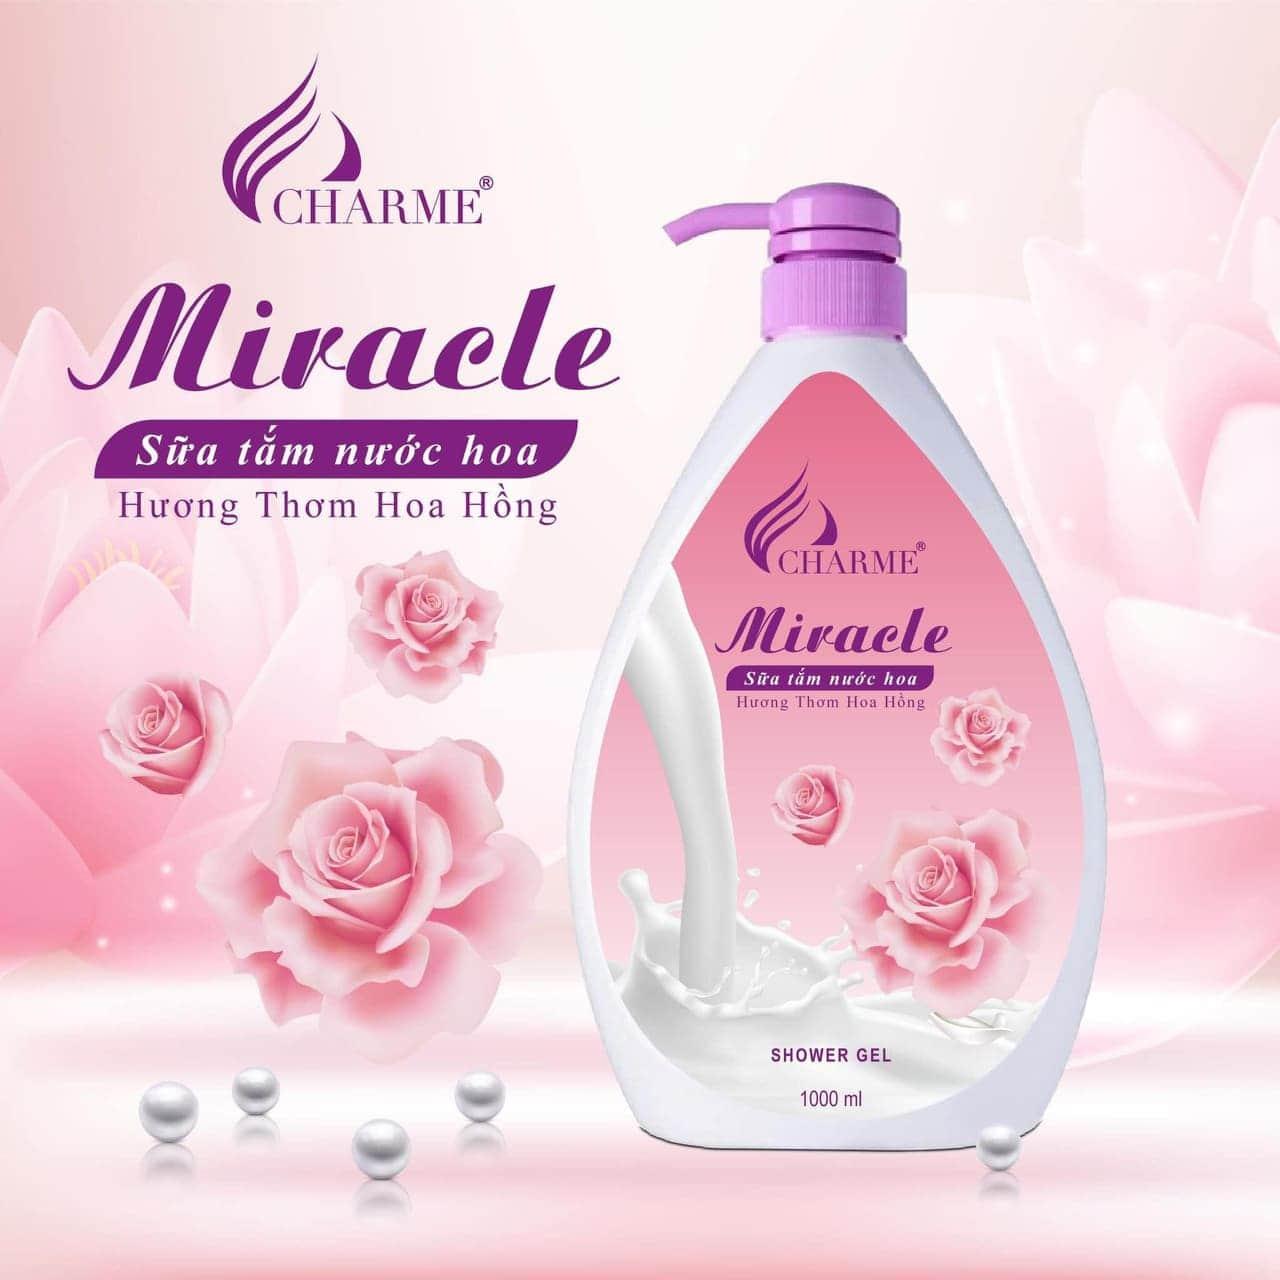 Sữa tắm Charme dưỡng trắng da Miracle 1000ml - Hương hoa hồng + Tặng kèm 1 chai nước hoa 5ml